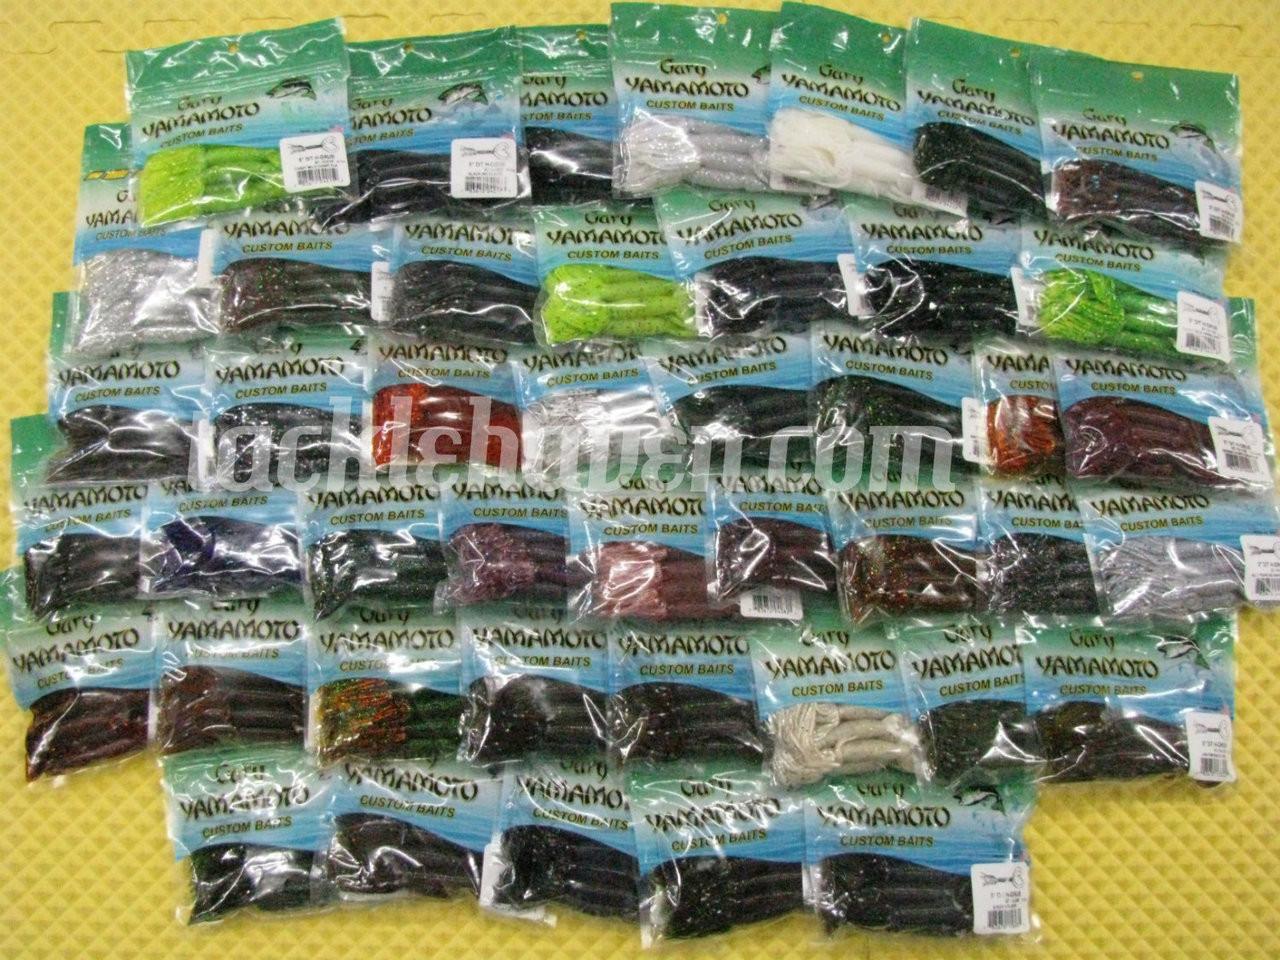 """Gary Yamamoto Double Tail Hula Grub 4/"""" 10pk  Bass /& Trout Fishing Lure"""